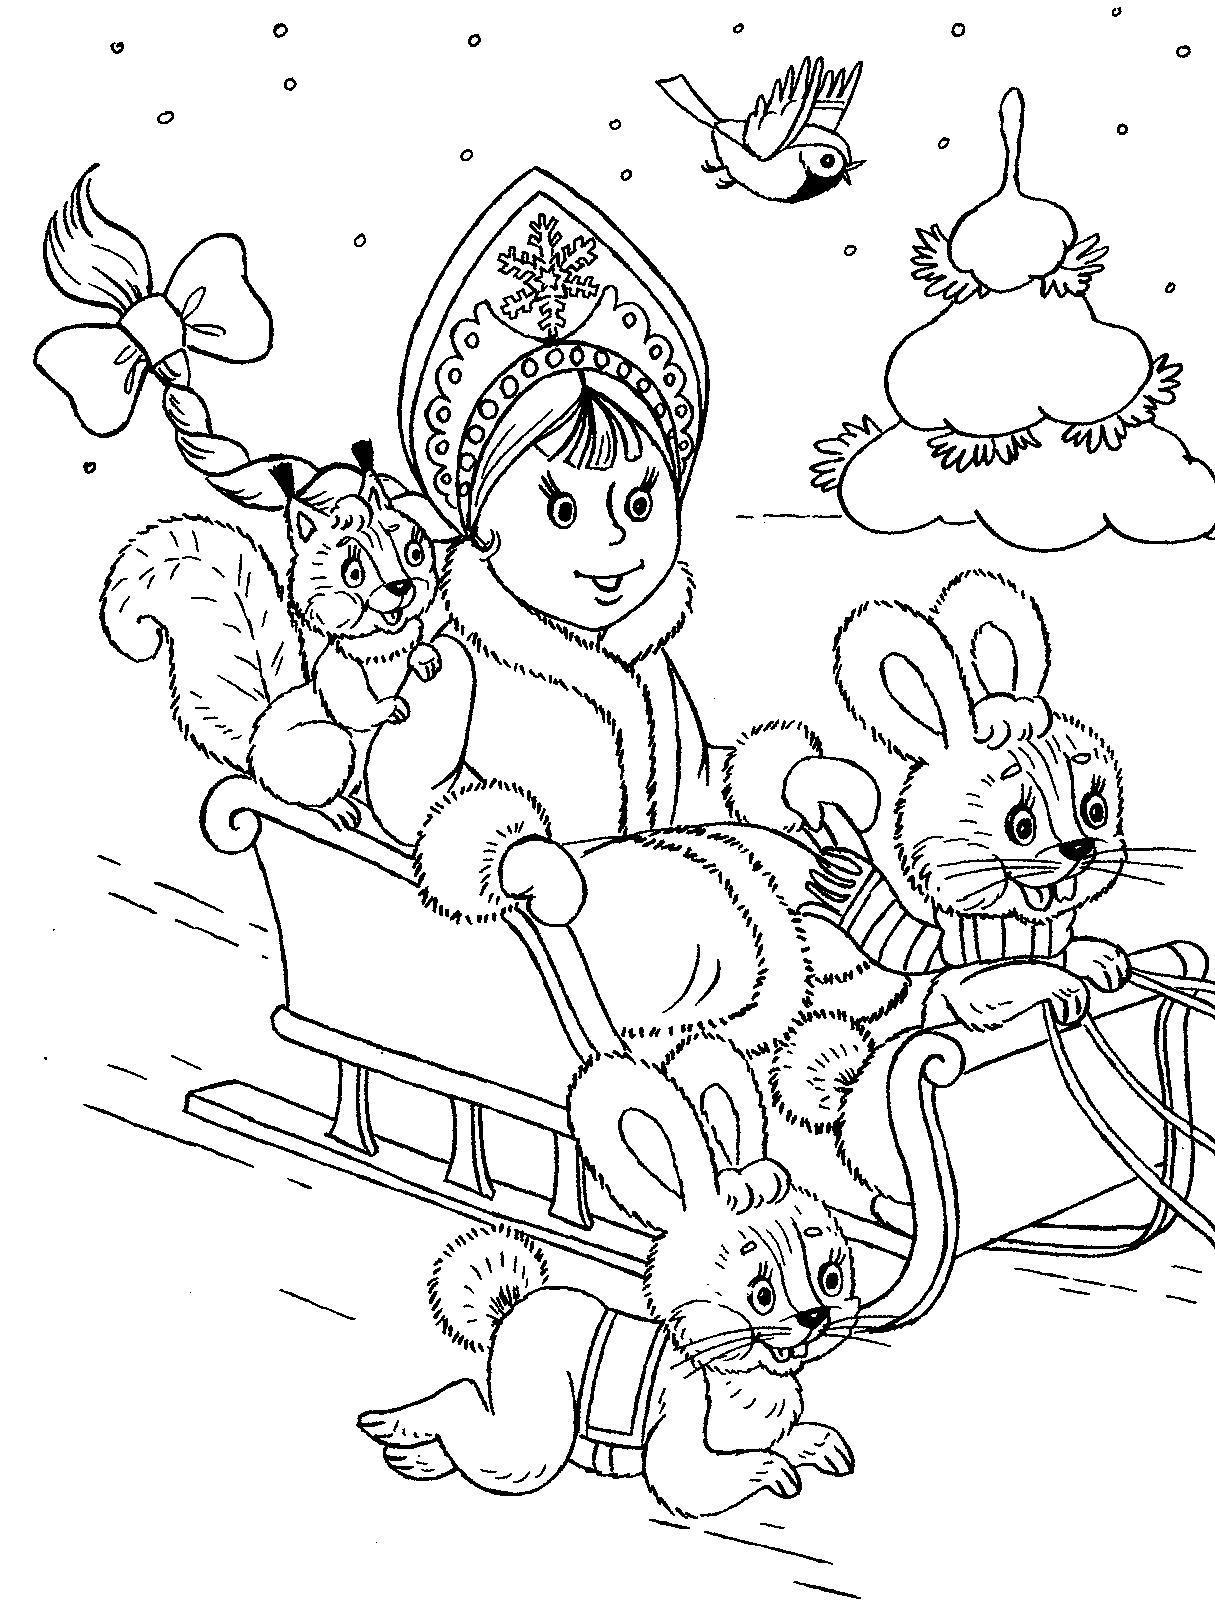 Рисунки для витражных красок, новый год, снегурочка, белочка, зайцы